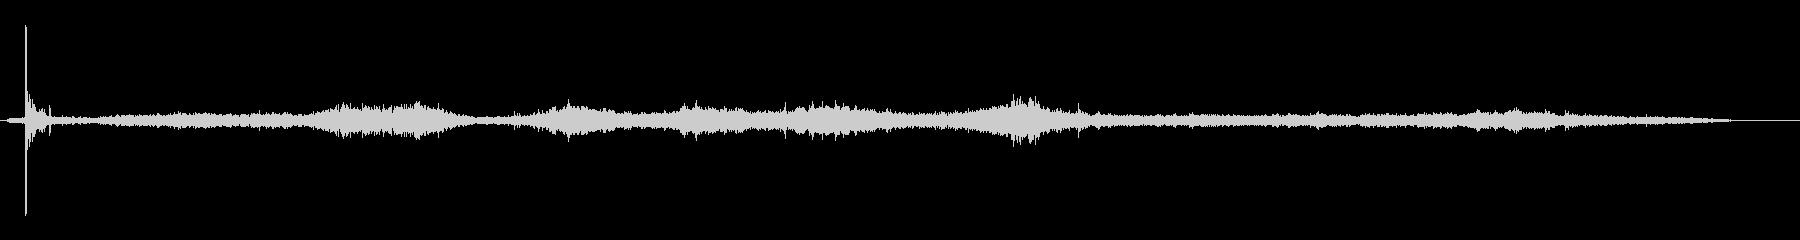 サイレン-掘削-ショートバースト-...の未再生の波形